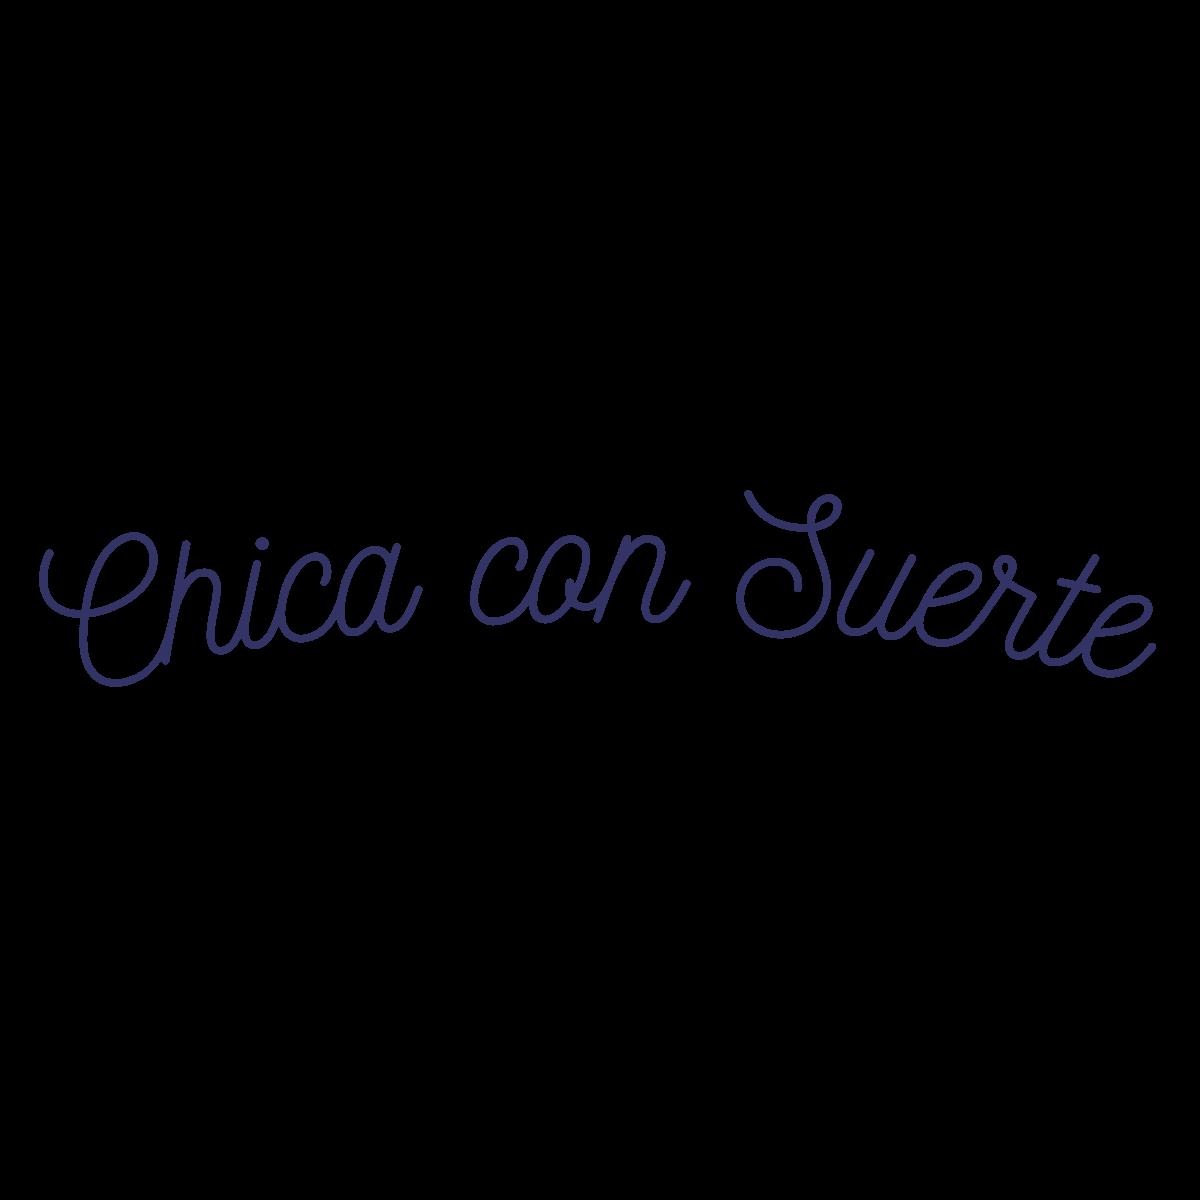 Chica Con Suerte Embroidered crewneck